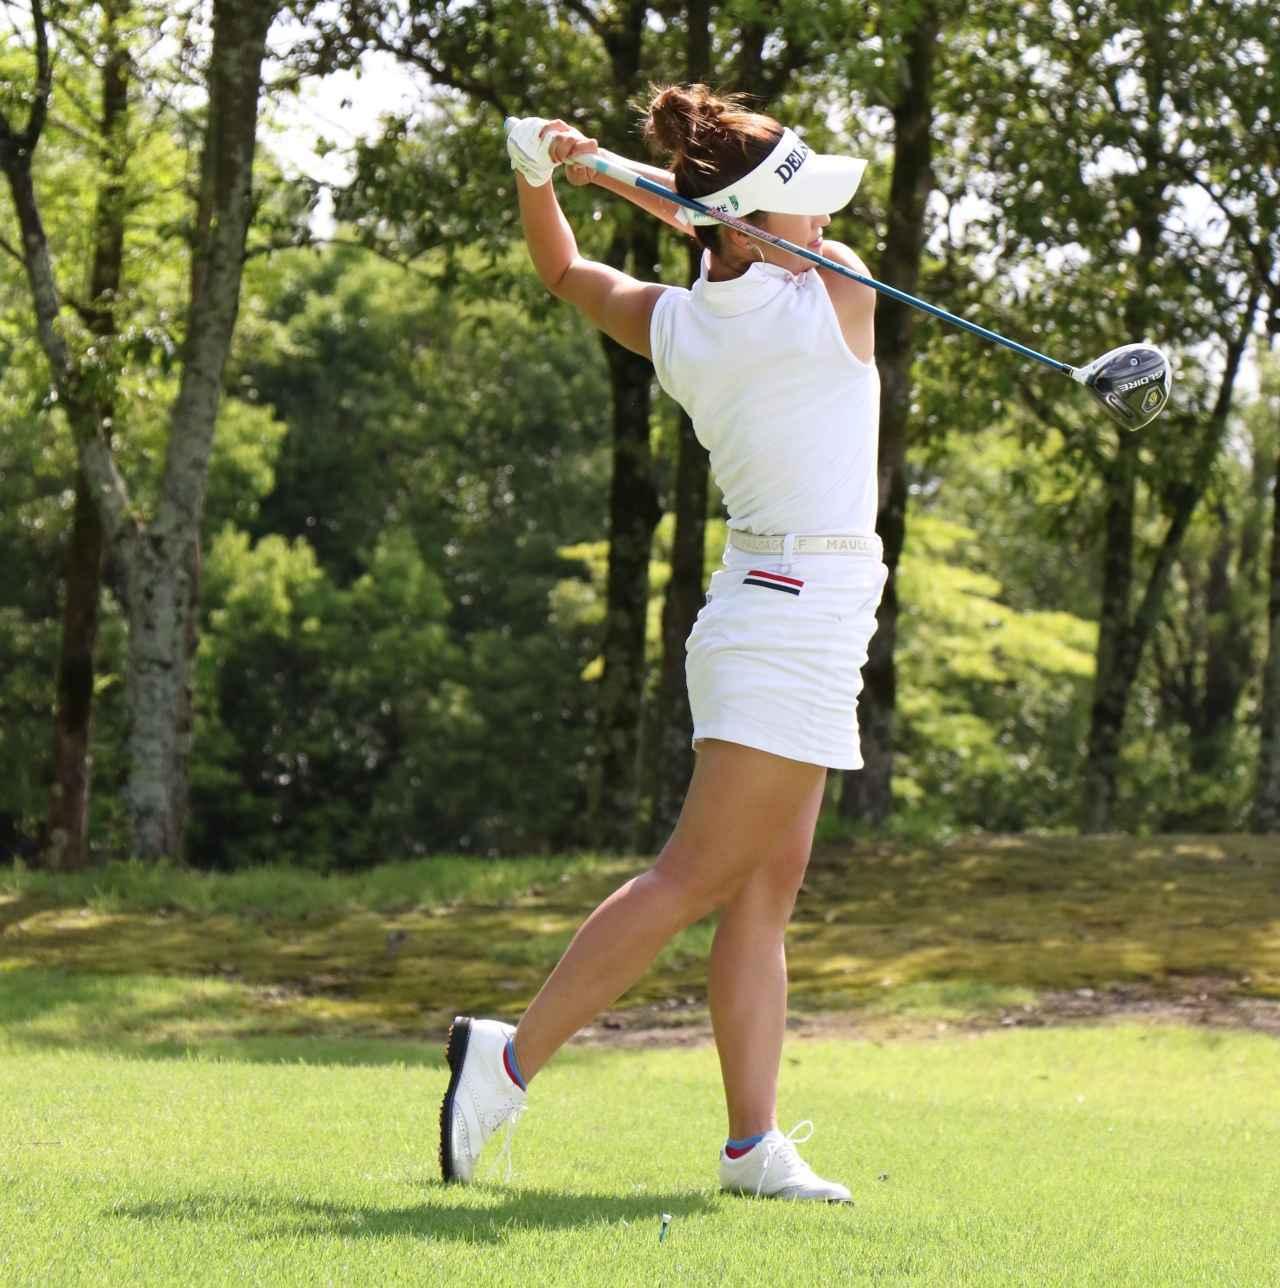 画像5: 【女子プロ百花/兼岩美奈】ガンガン攻めるゴルフが信条です。お団子ヘアを見つけたら応援よろしくお願いします!